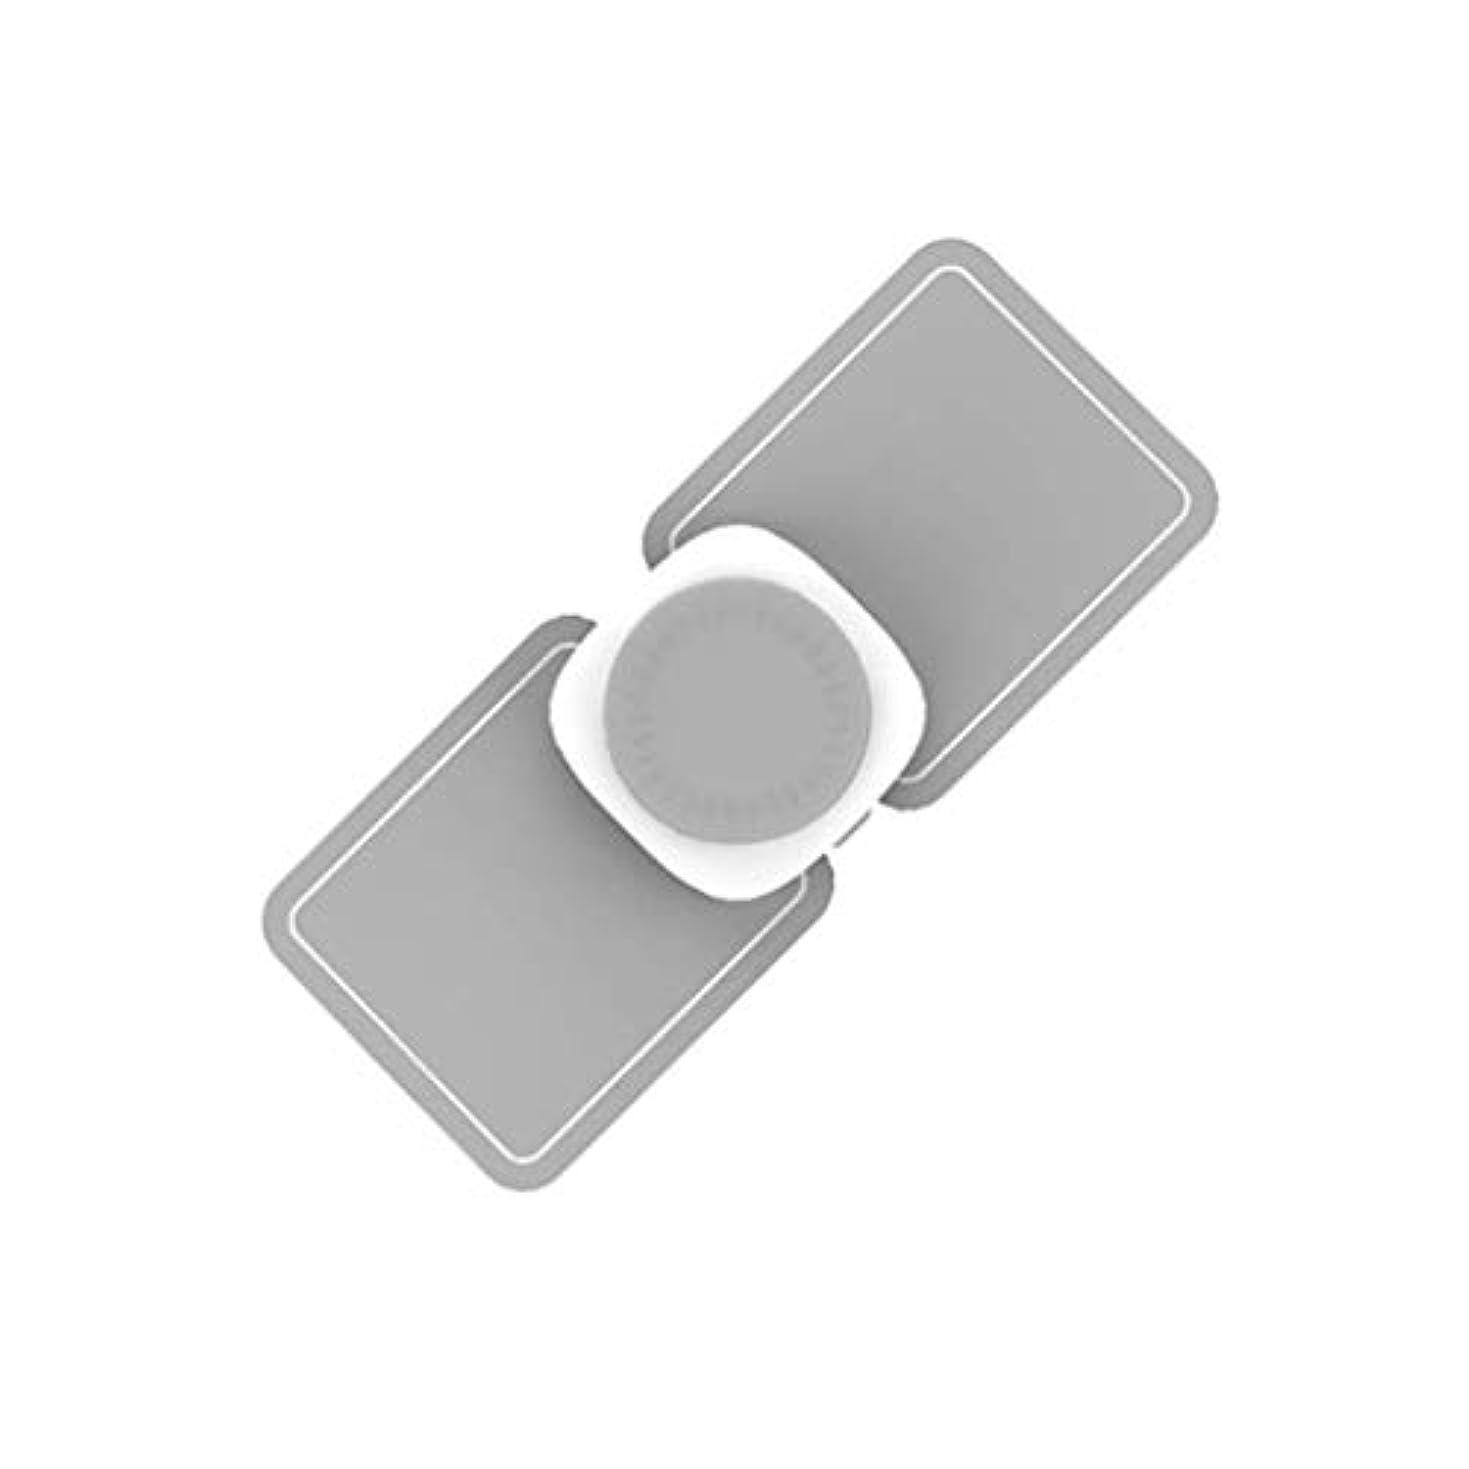 和らげるマイナータービンマッサージャー、ポータブルミニネック|ショルダーマッサージャー、USB充電式電動ディープマッサージツール、マッスルリラクゼーションにより、ホームオフィスの痛みを軽減 (Color : Grey)